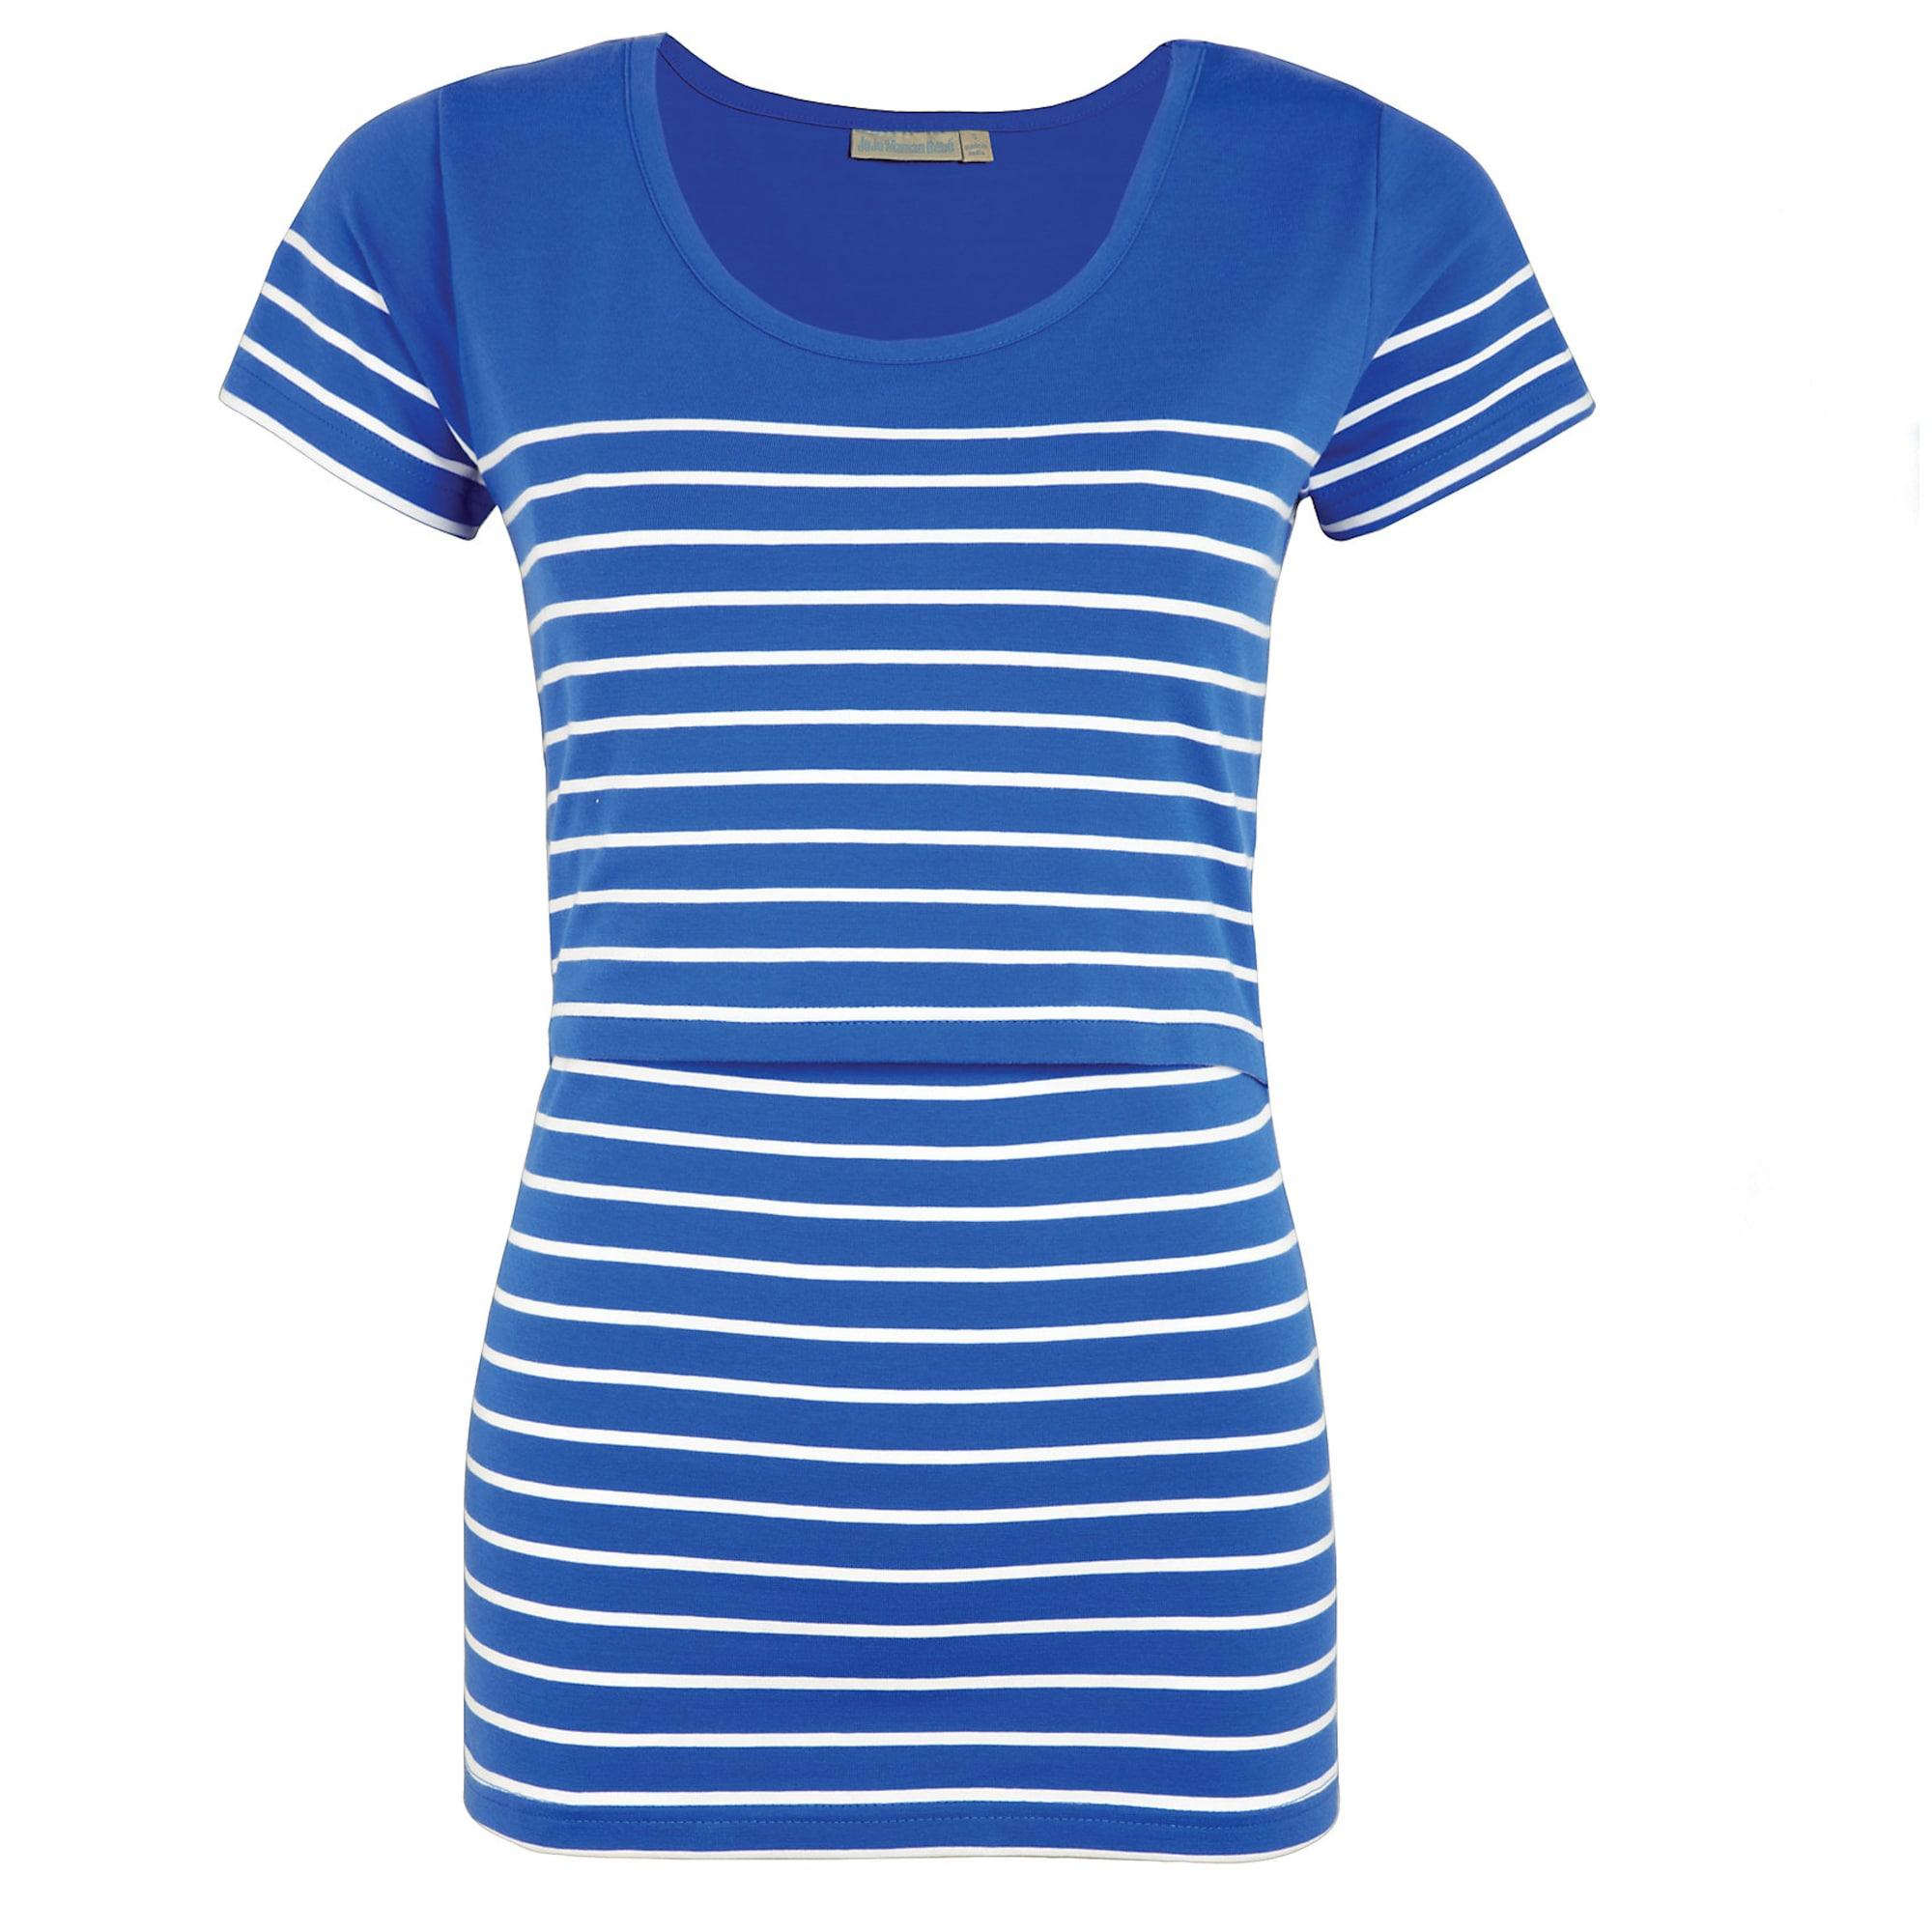 JoJo Maman Bébé Marškinėliai mėlyna